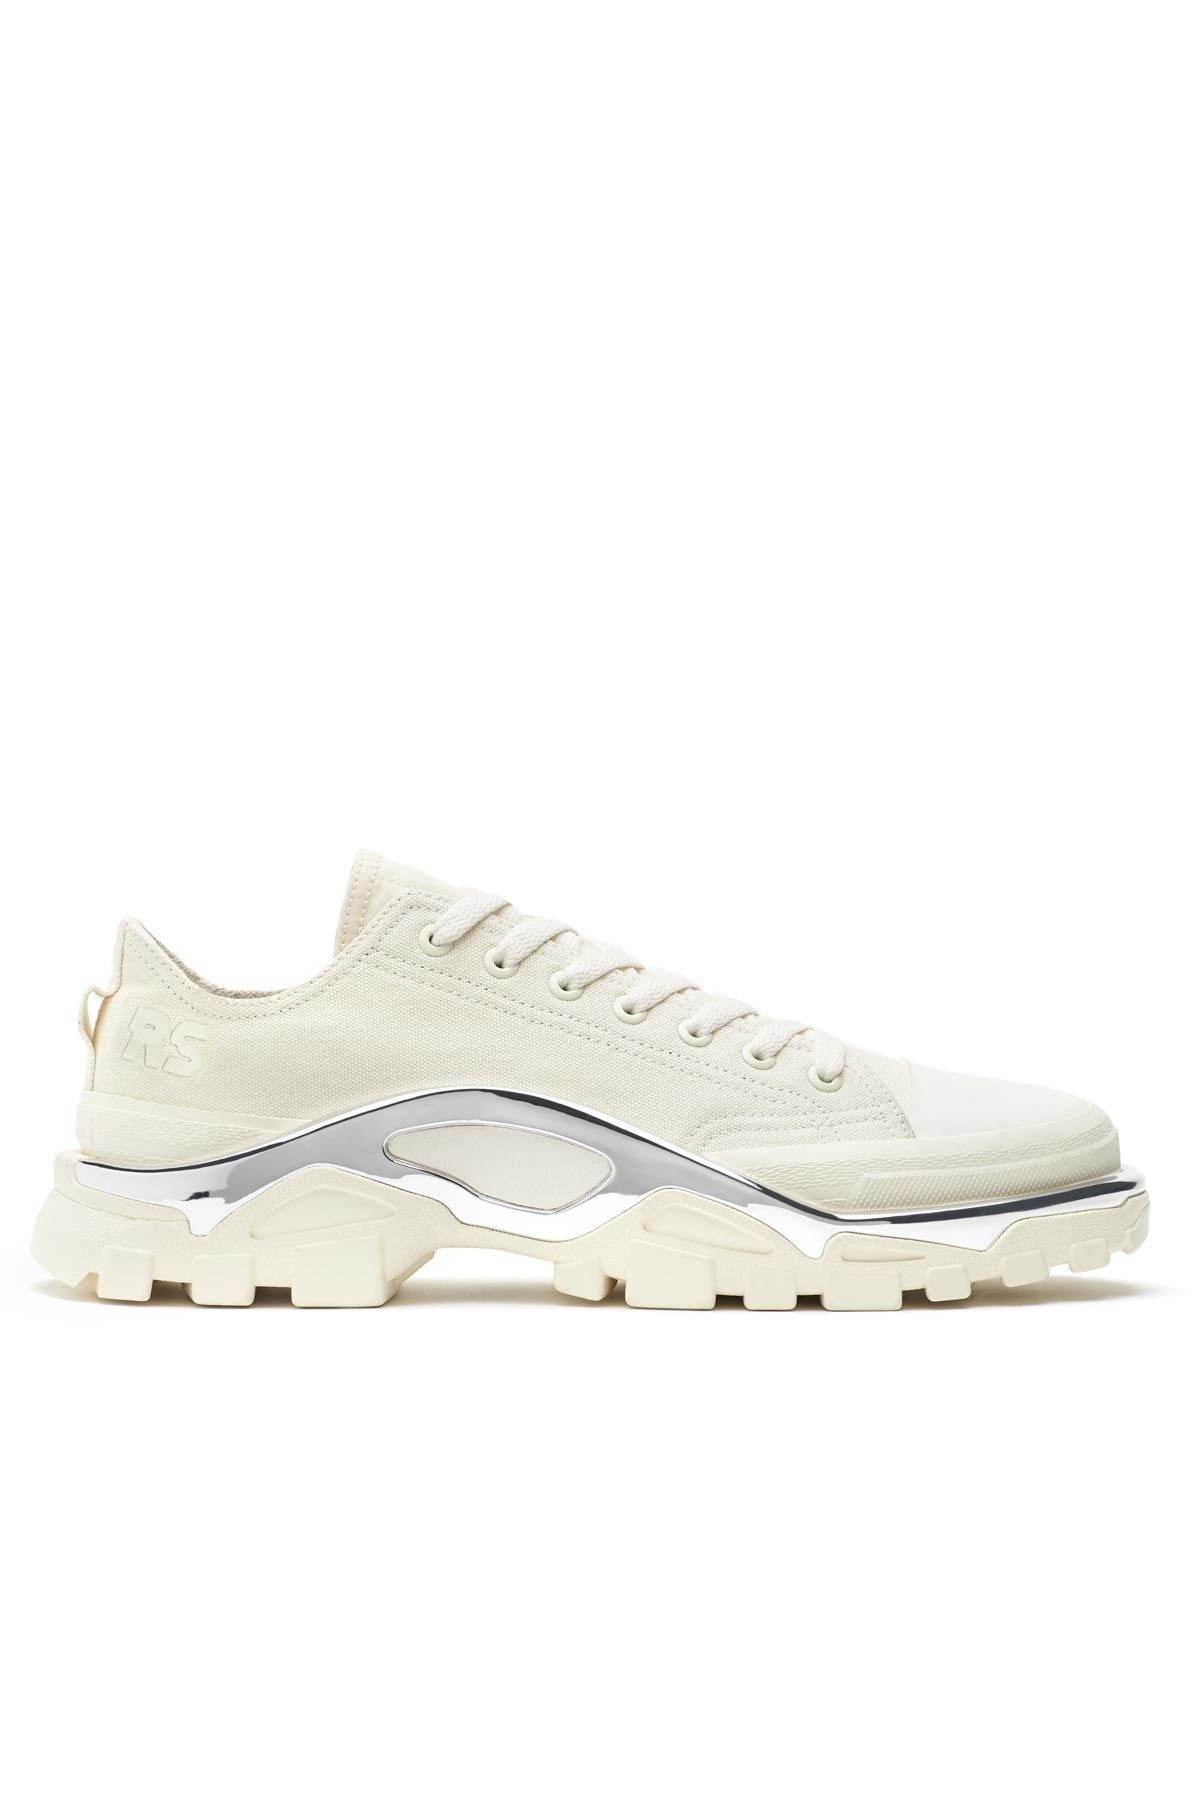 ADIDAS X RAF SIMONS RS Detroit Runner WhiteSilver | Sneaker